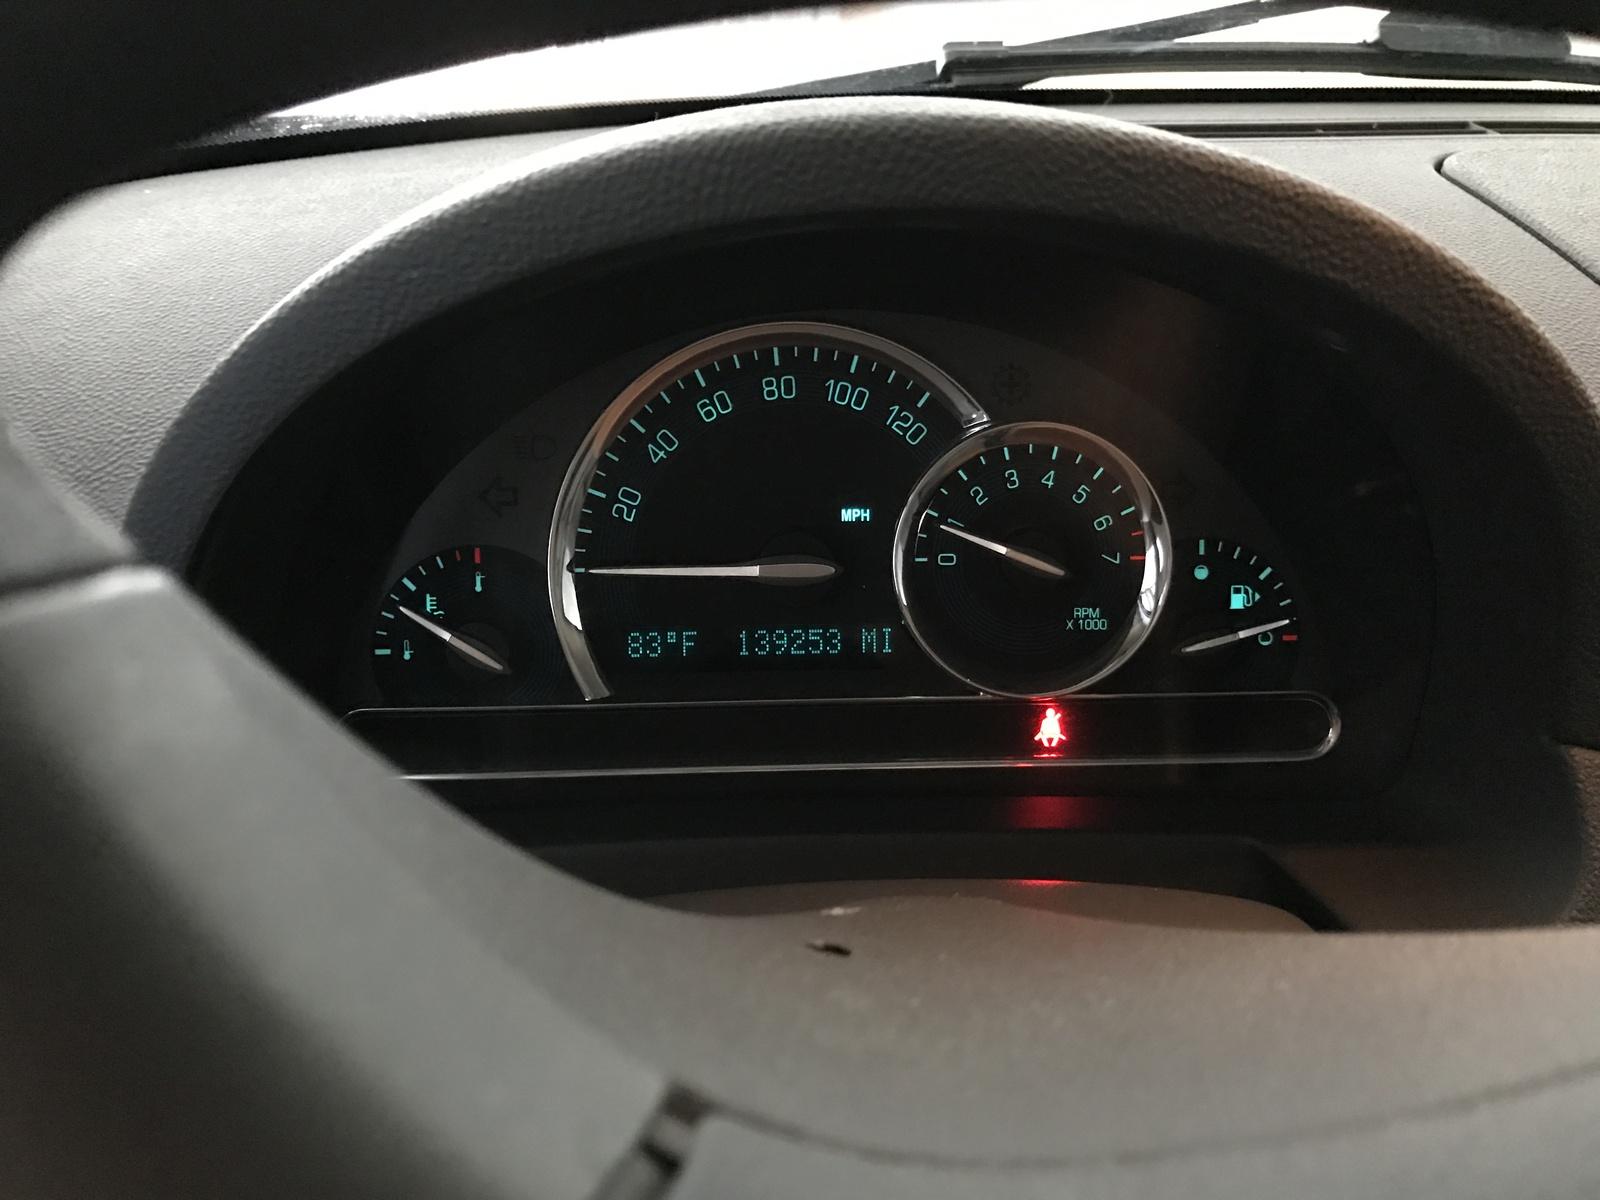 2006 Chevrolet Hhr Interior Pictures Cargurus